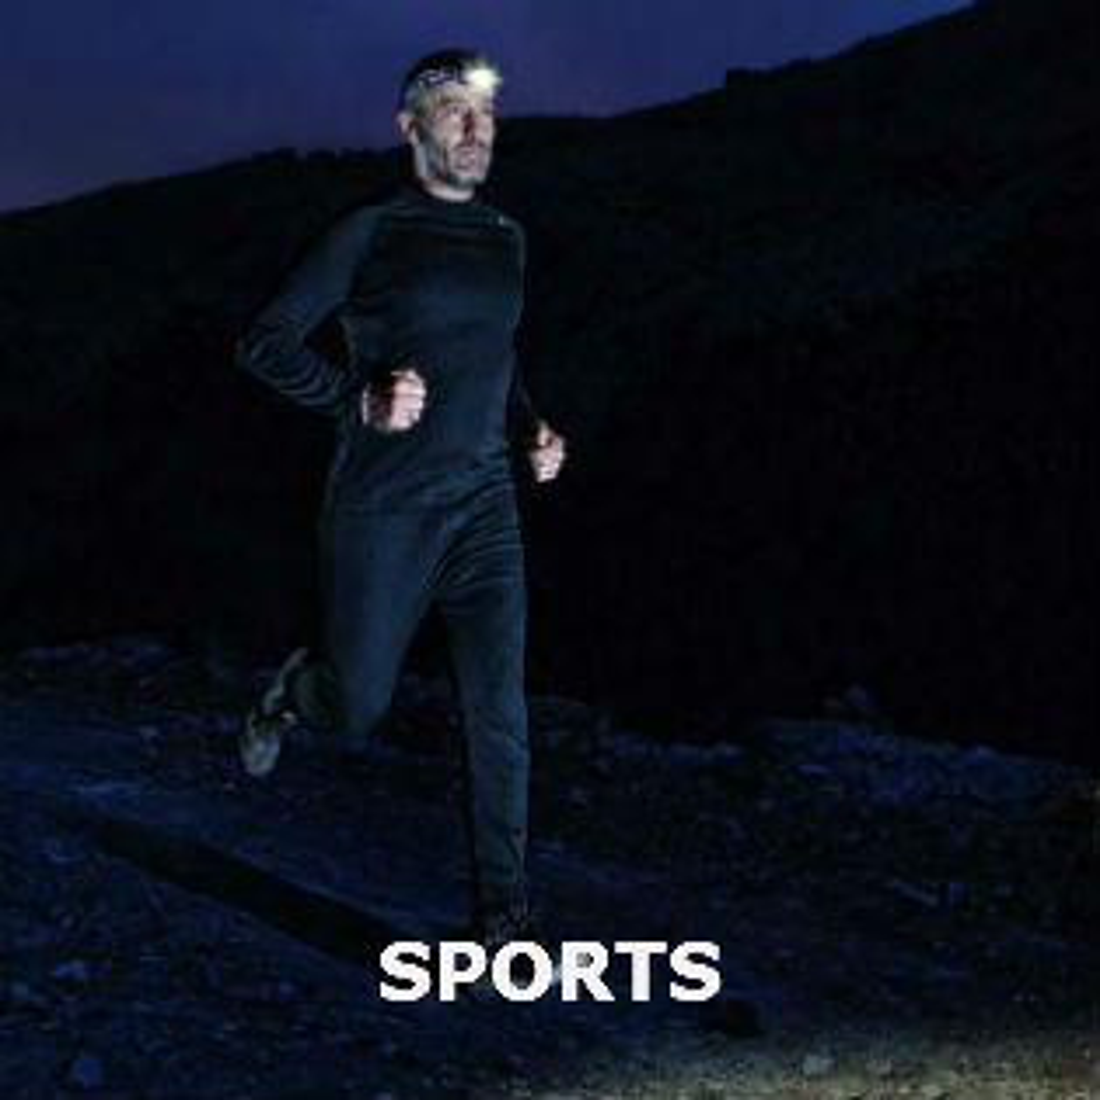 Φακοι για τρεξιμο και sports